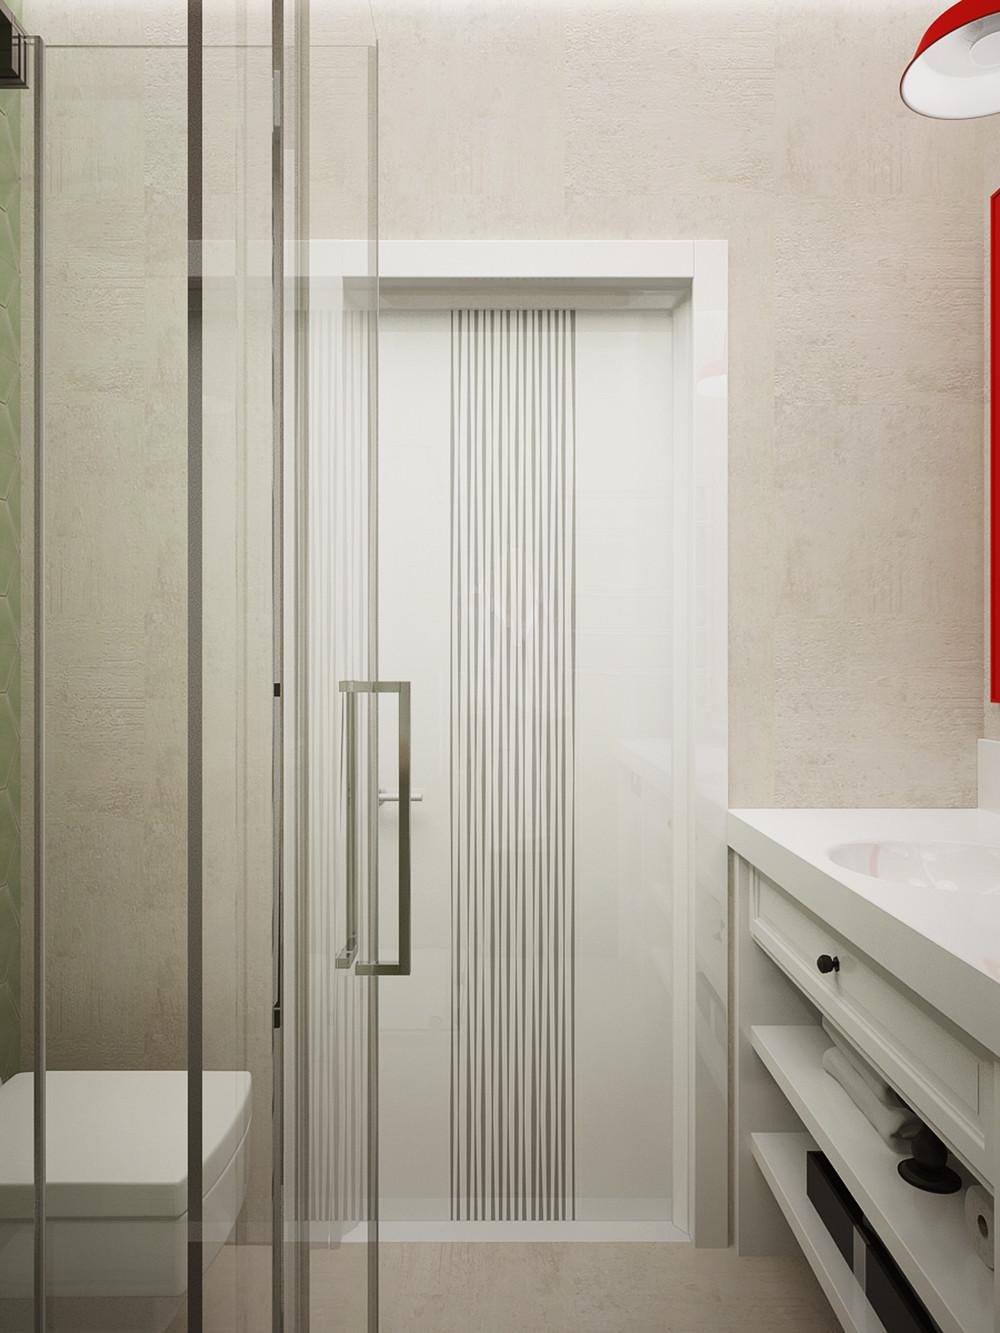 Дизайн санузла в светлых тонах - фото 2